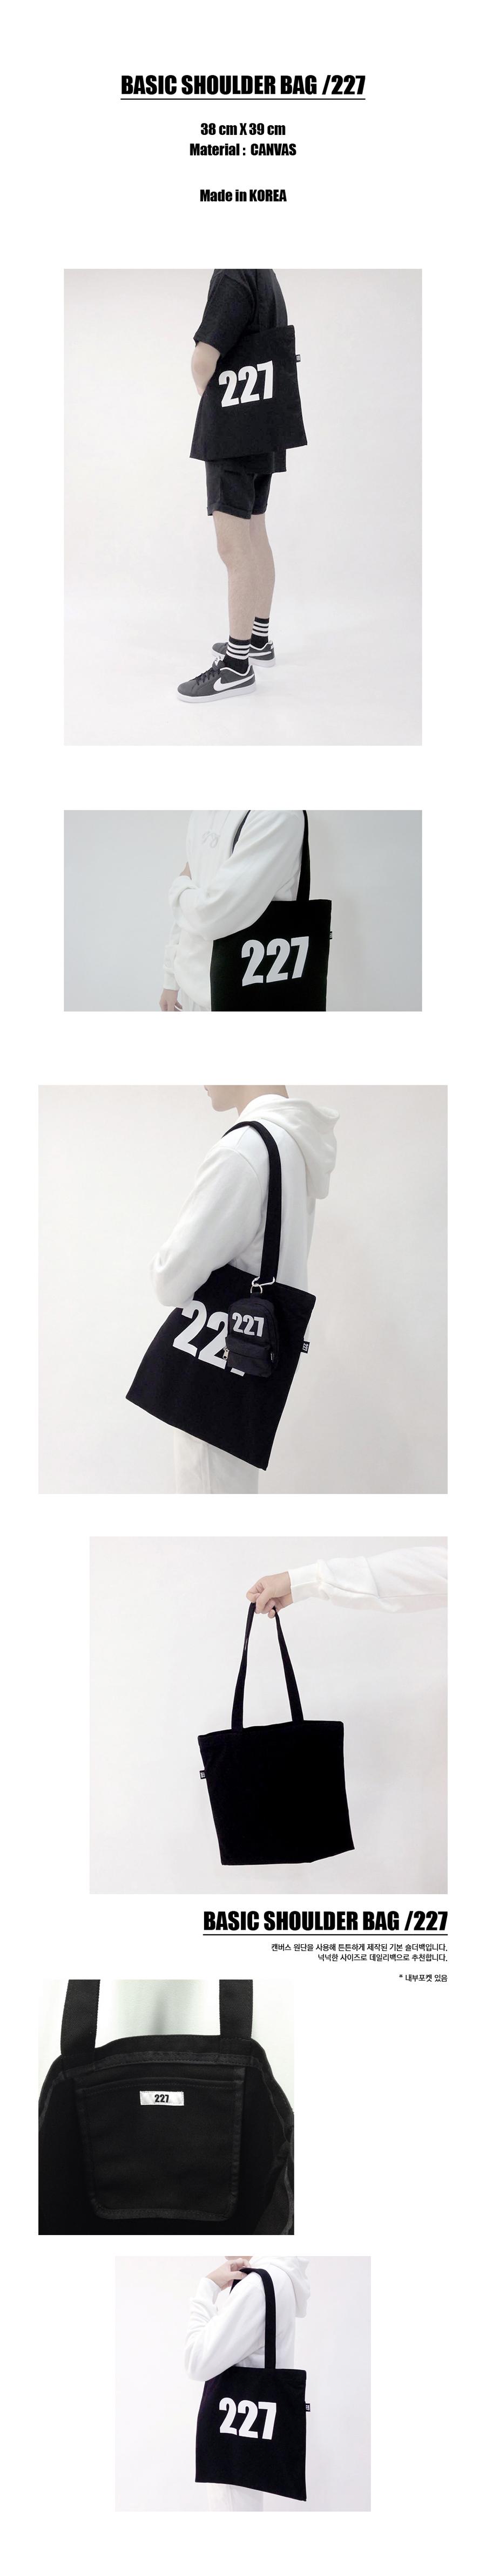 BASIC SHOULDER BAG39,000원-227(이이칠)패션잡화, 가방, 캔버스/에코백, 에코백바보사랑BASIC SHOULDER BAG39,000원-227(이이칠)패션잡화, 가방, 캔버스/에코백, 에코백바보사랑